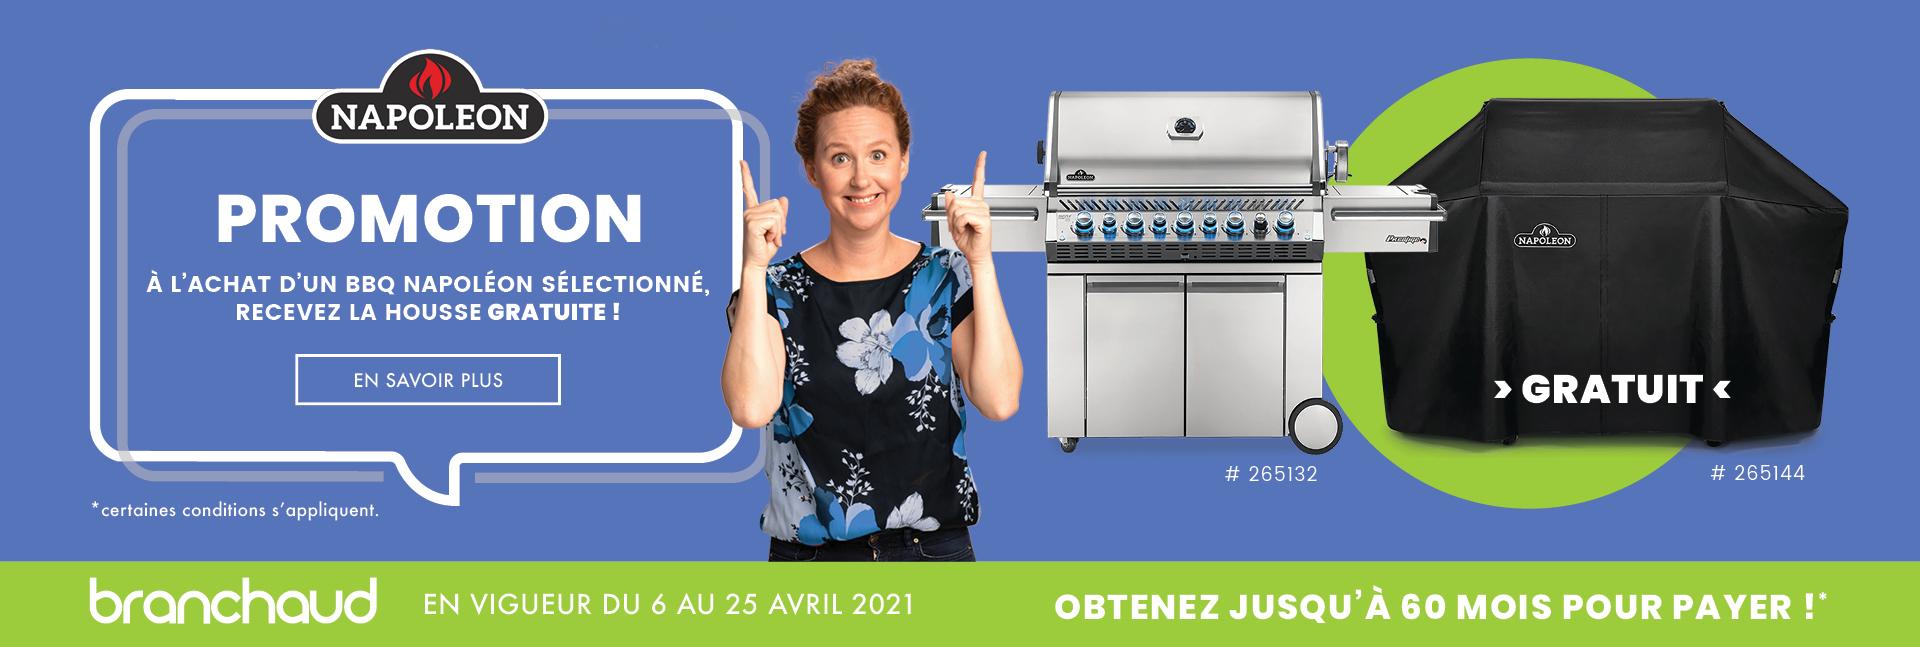 Promotion BBQ Napoléon - Housse gratuite avec certains modèles sélectionnés